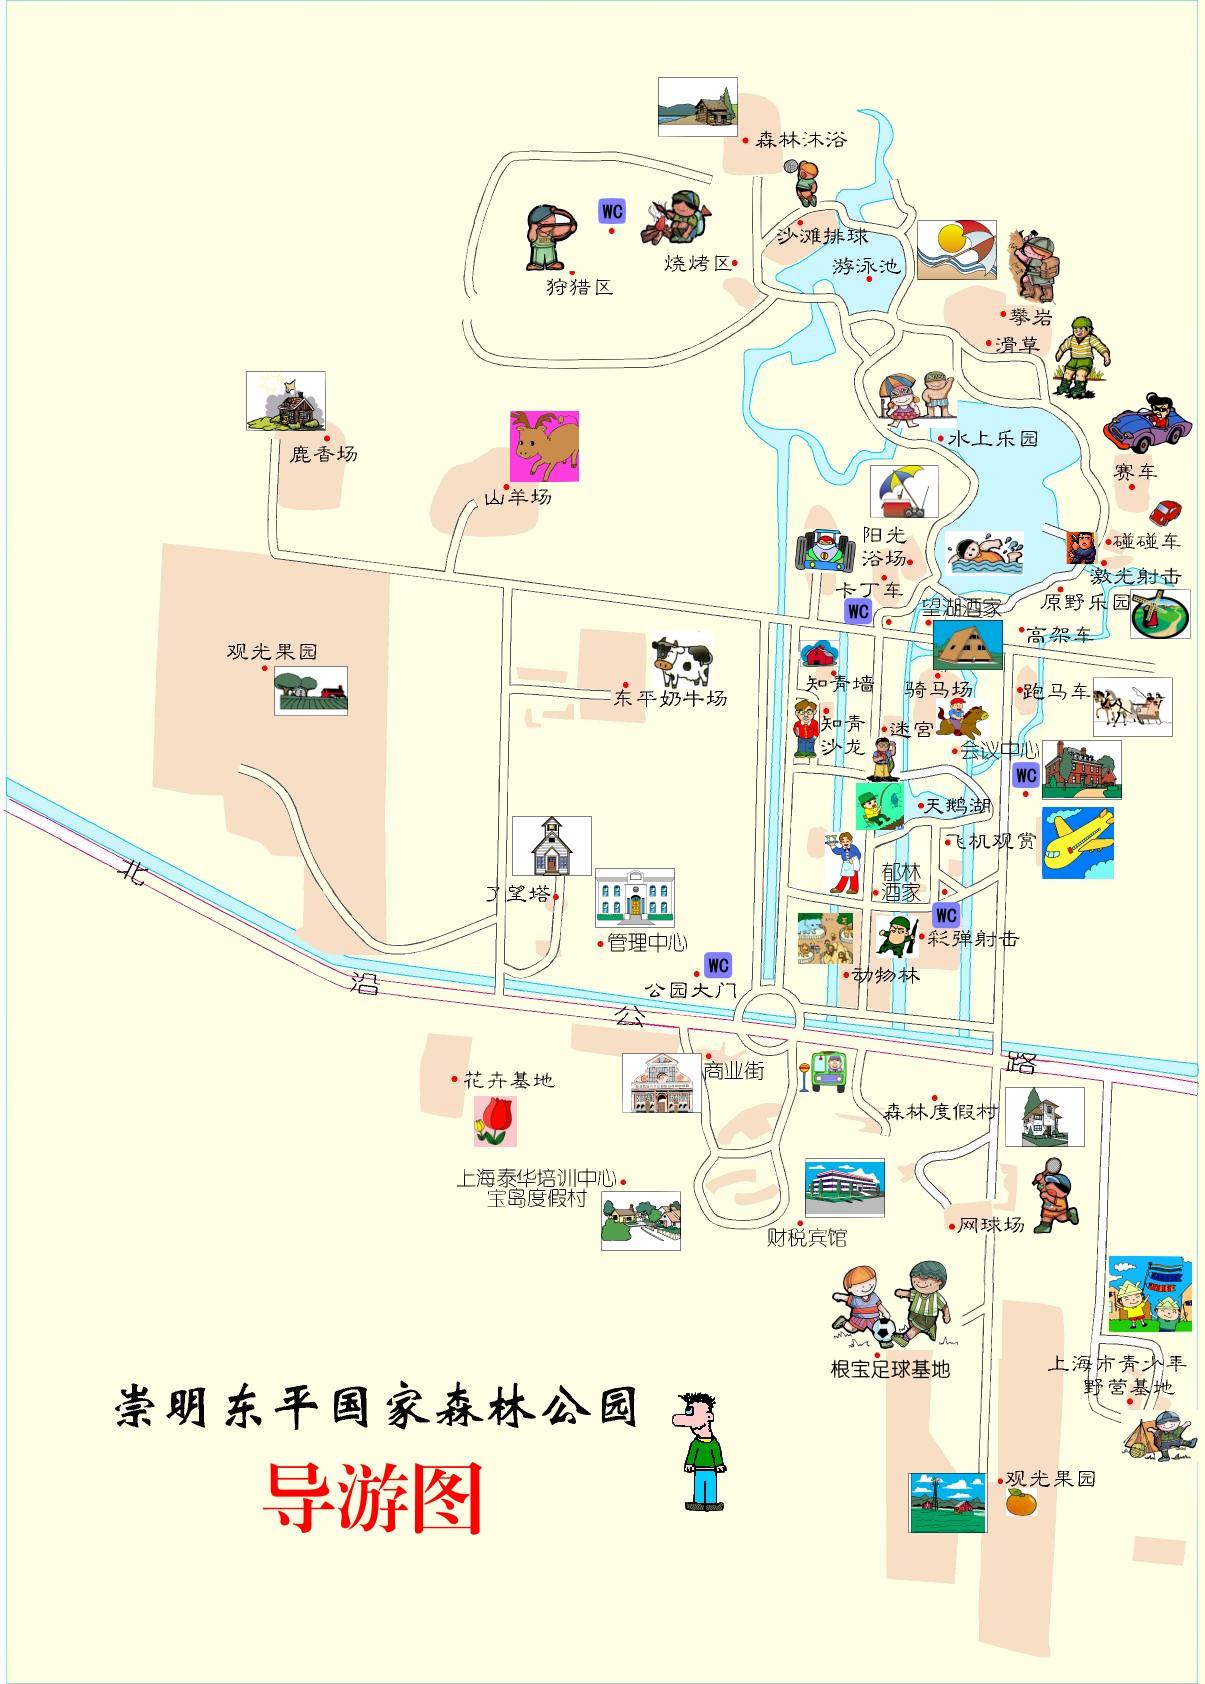 浙江旅游地图_东平国家森林公园导游地图_上海旅游地图库_地图窝